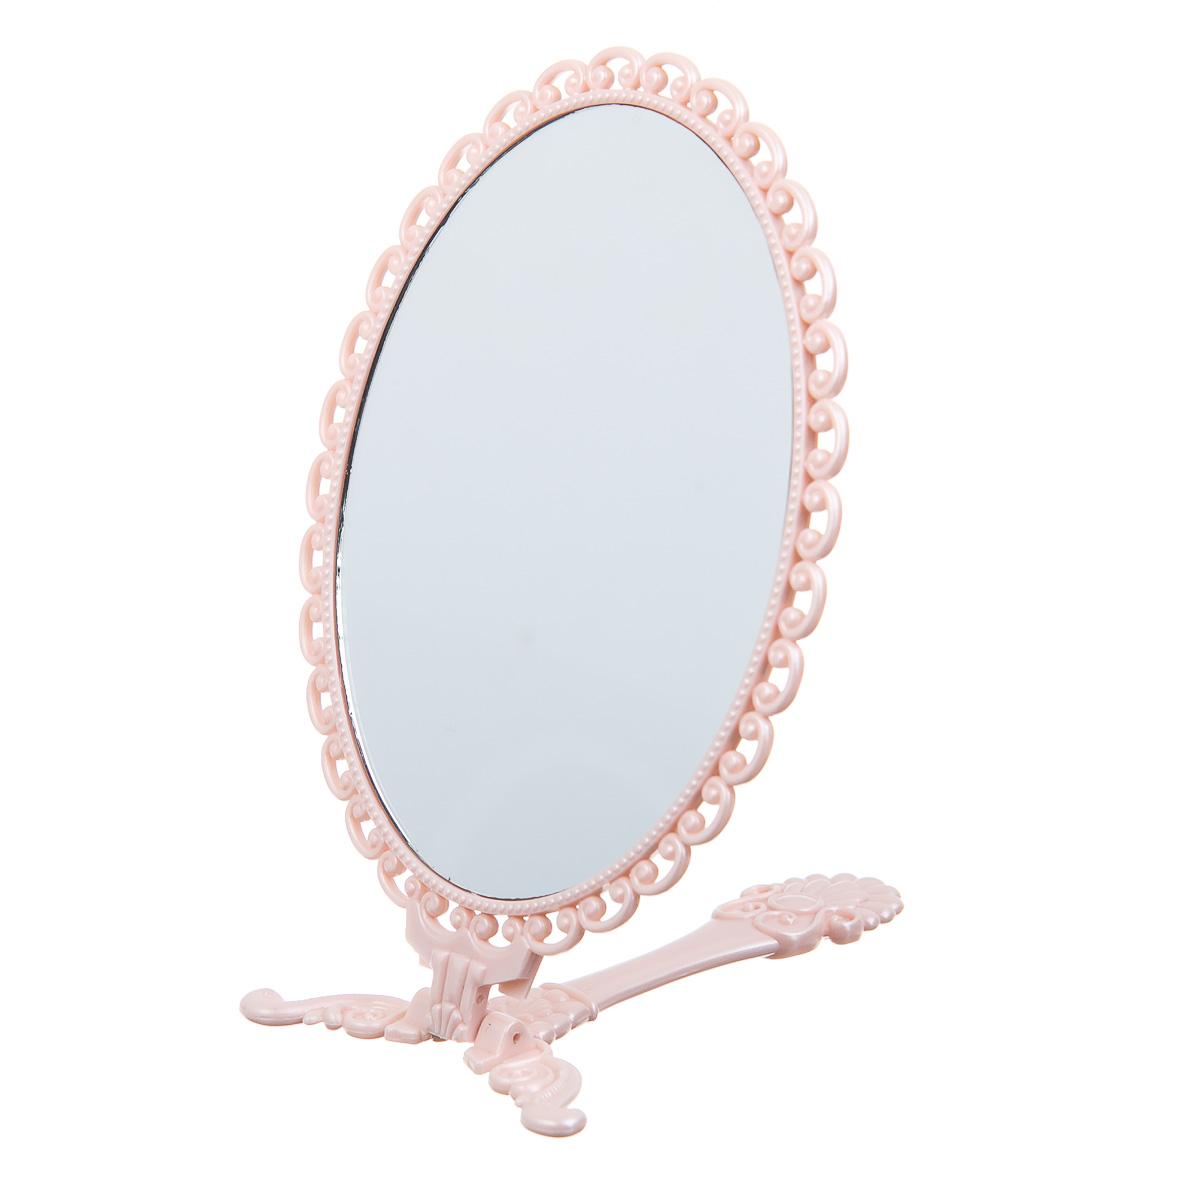 Зеркало раскладное овальное ажурное